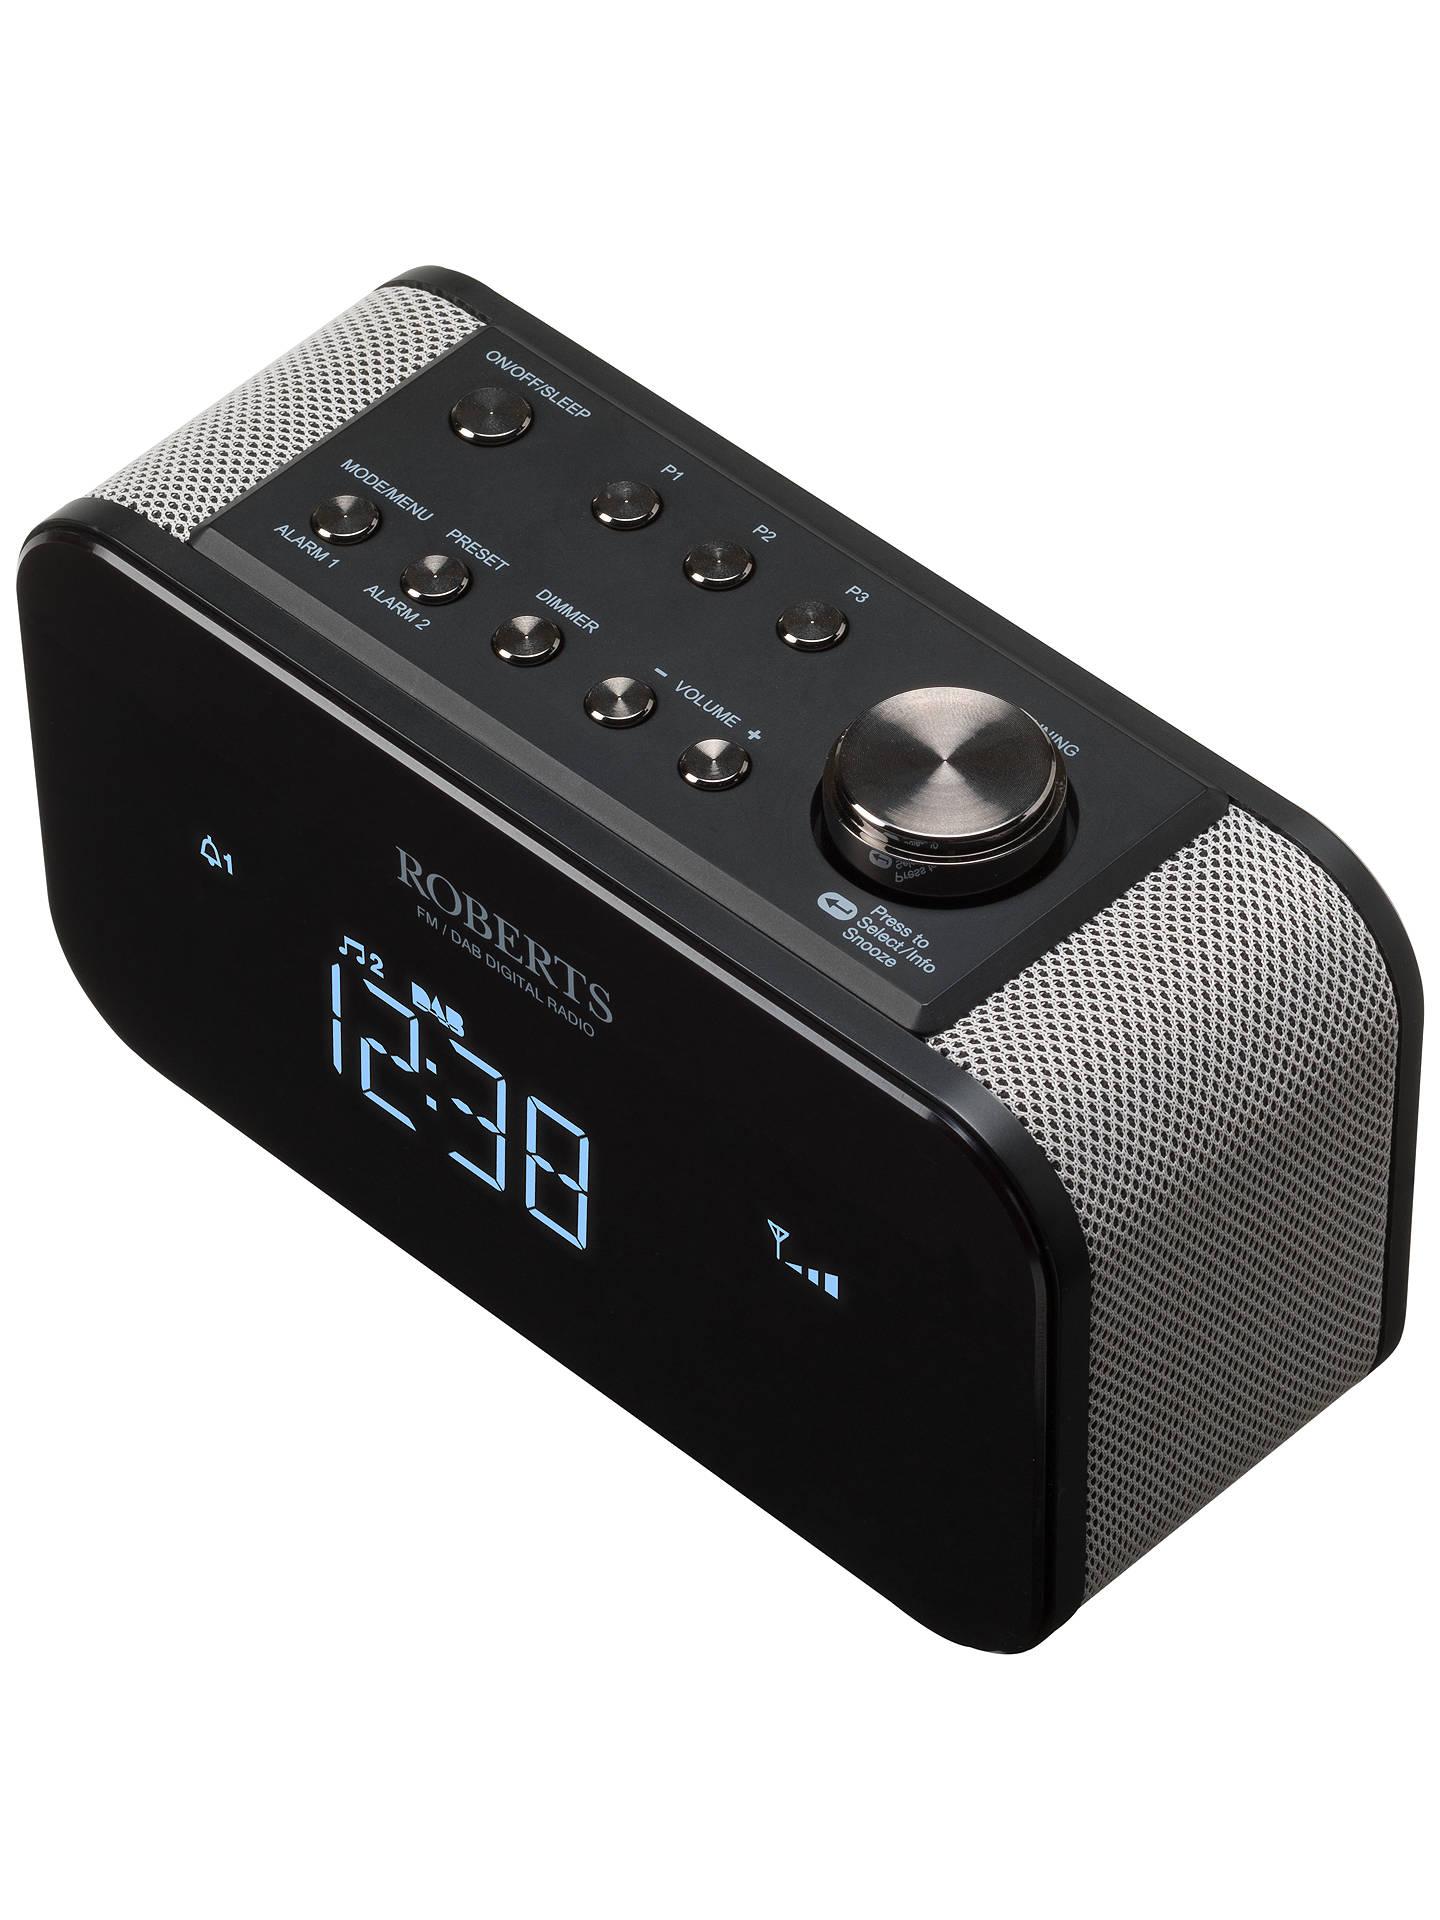 Roberts Ortus 2 Dab Dab Fm Digital Alarm Clock Radio At John Lewis Partners